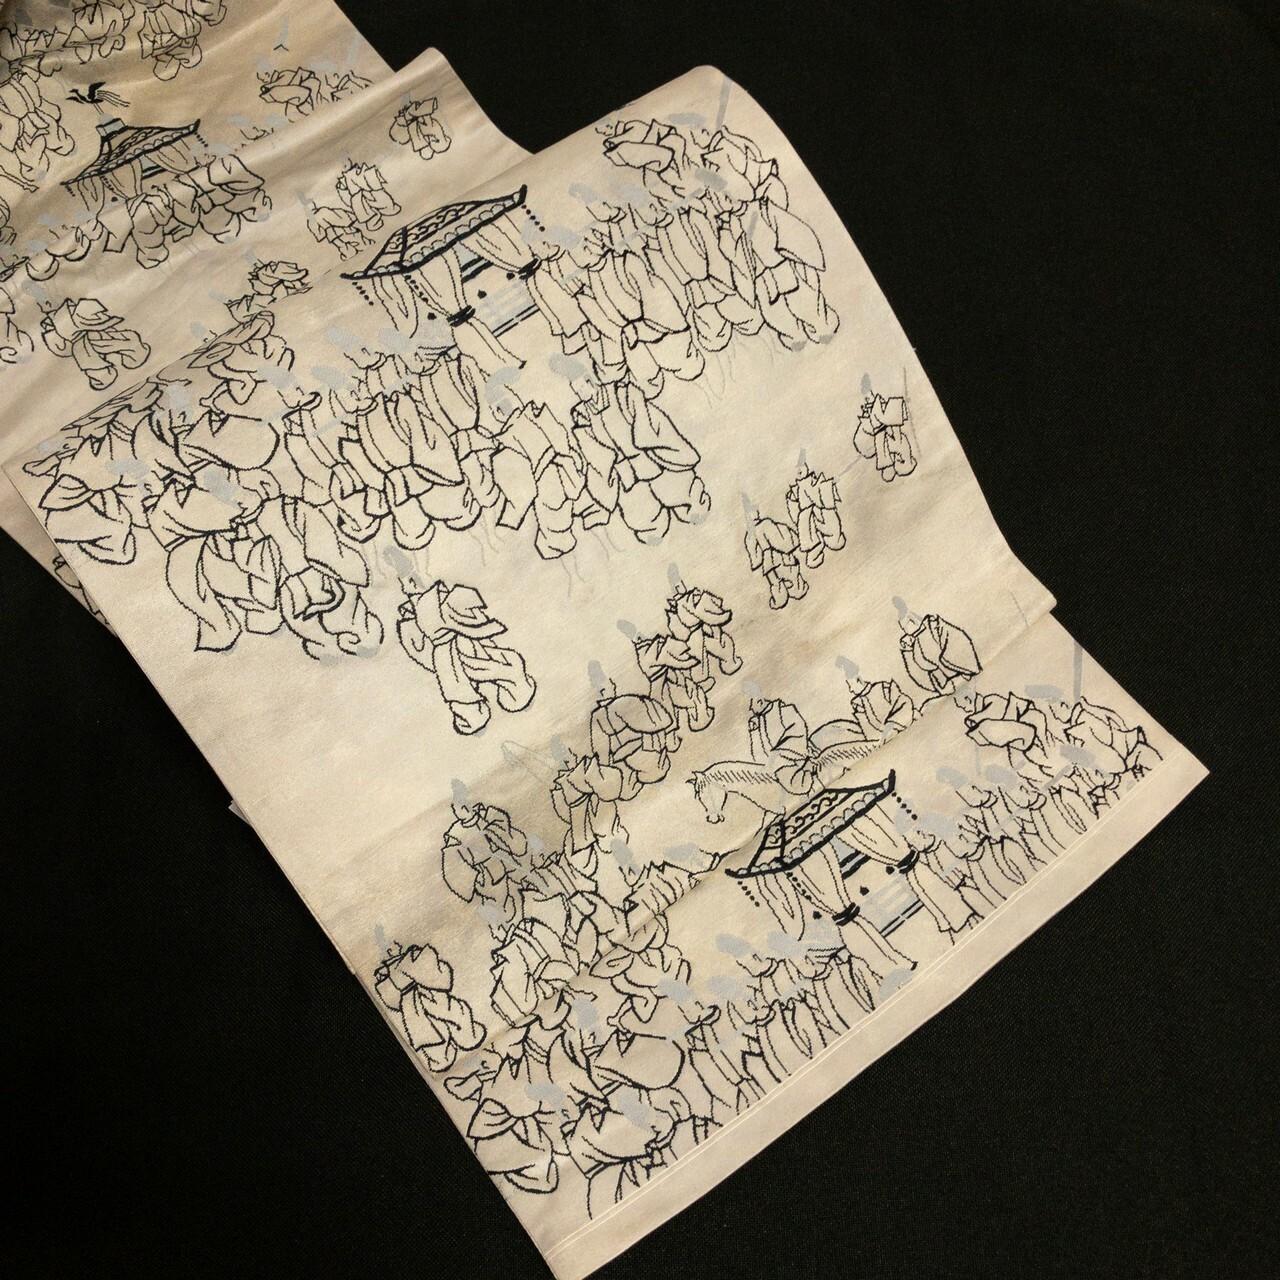 袋帯 シャイニー洒落袋 六通 ライトグレー地色に黒・グレー葵祭風織出し